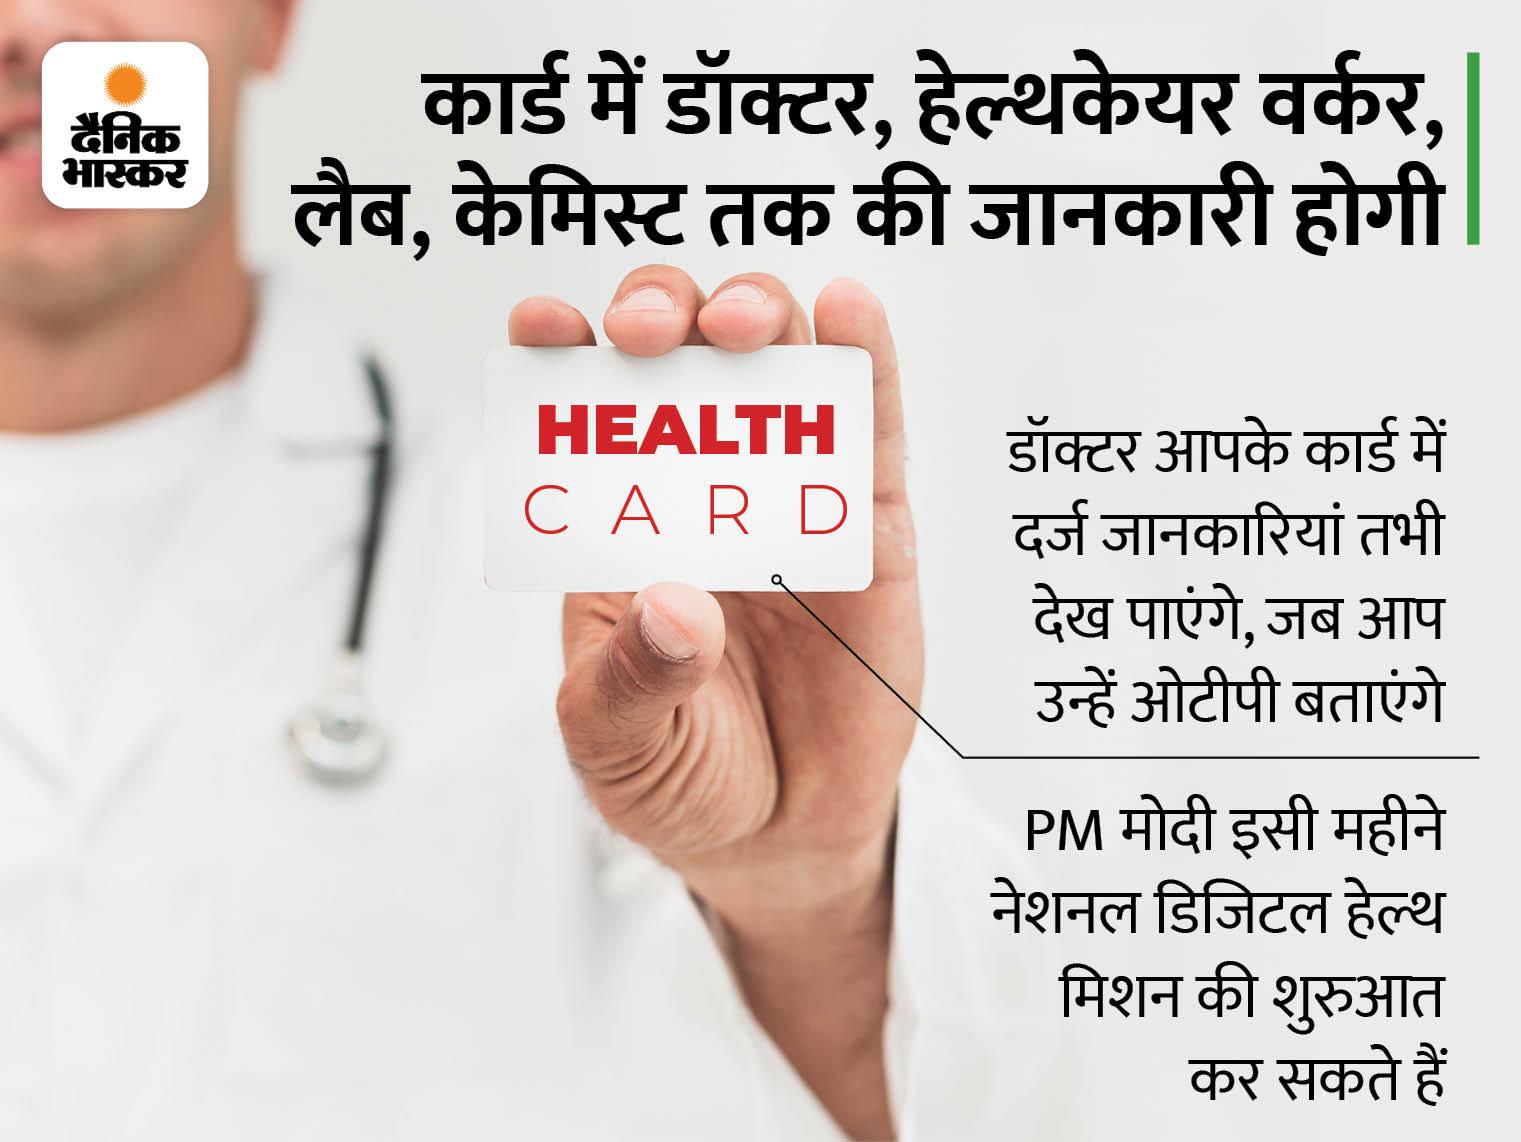 इसमें आपका पूरा मेडिकल रिकॉर्ड होगा; आप किसी भी अस्पताल में जाएं, पिछली सभी रिपोर्ट्स वहीं मिल जाएंगी|बिजनेस,Business - Dainik Bhaskar